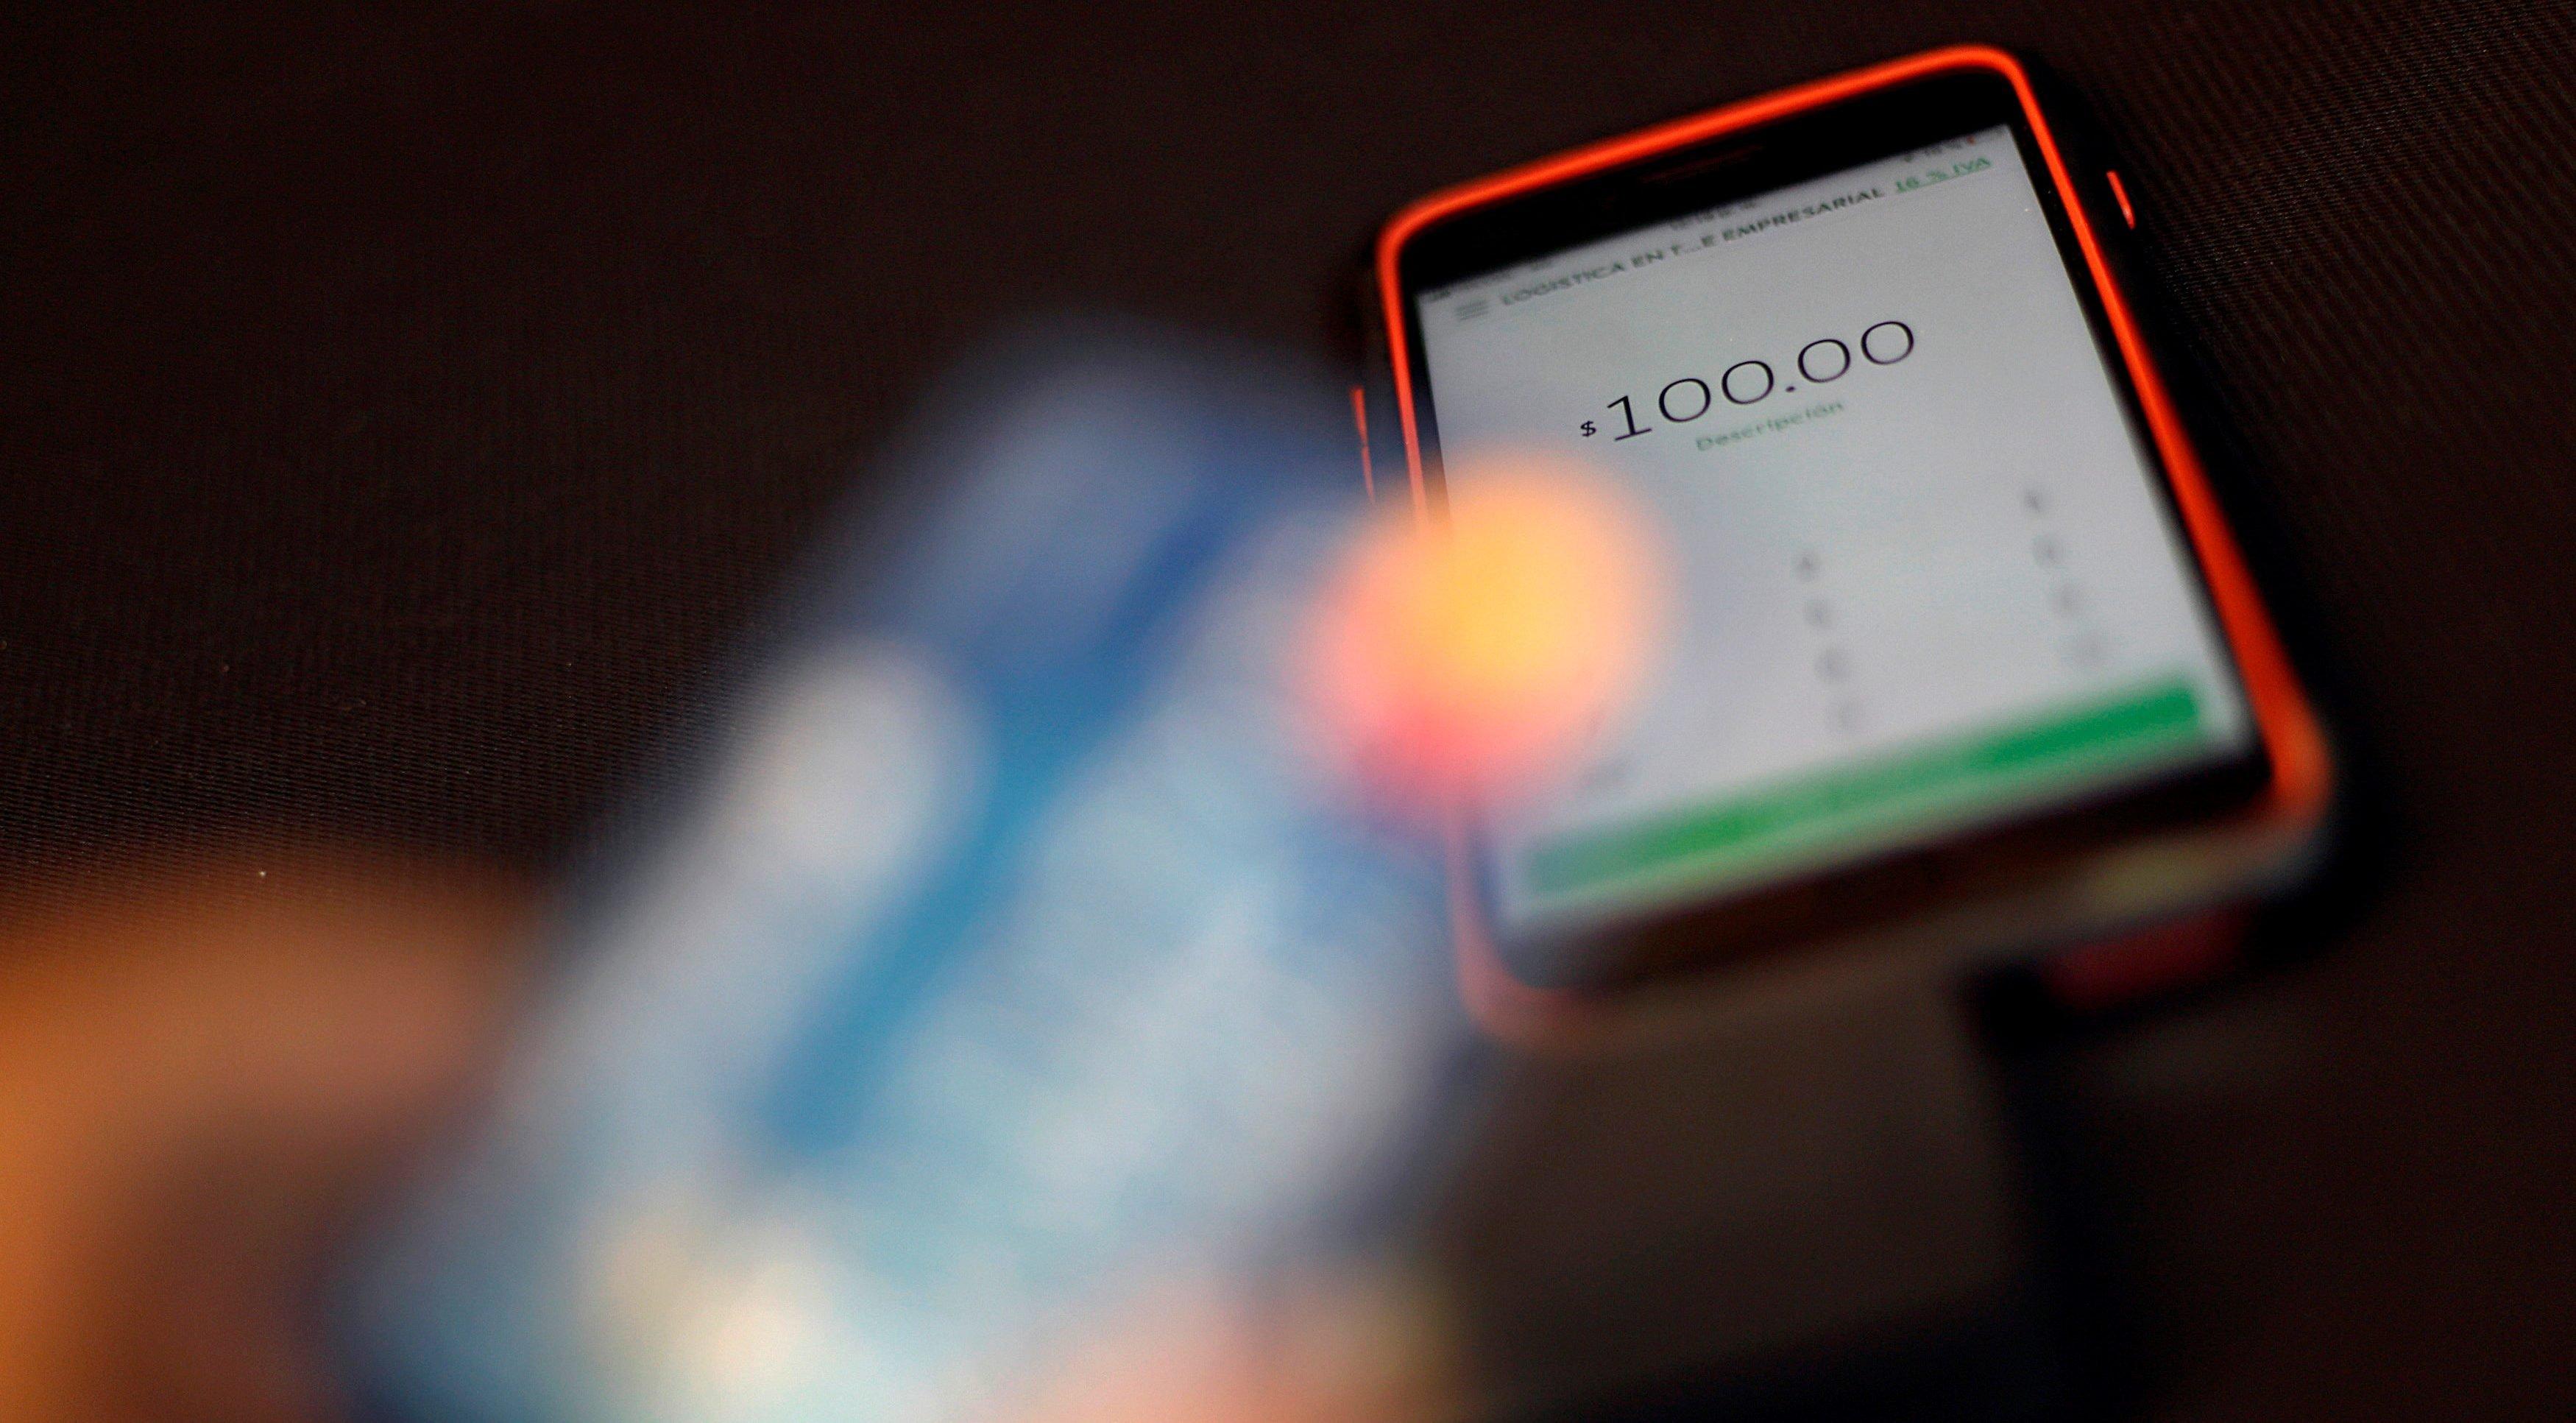 Reclamaciones a bancos por fraudes, robo de identidad o banca en línea suman 5,883.9 mdp